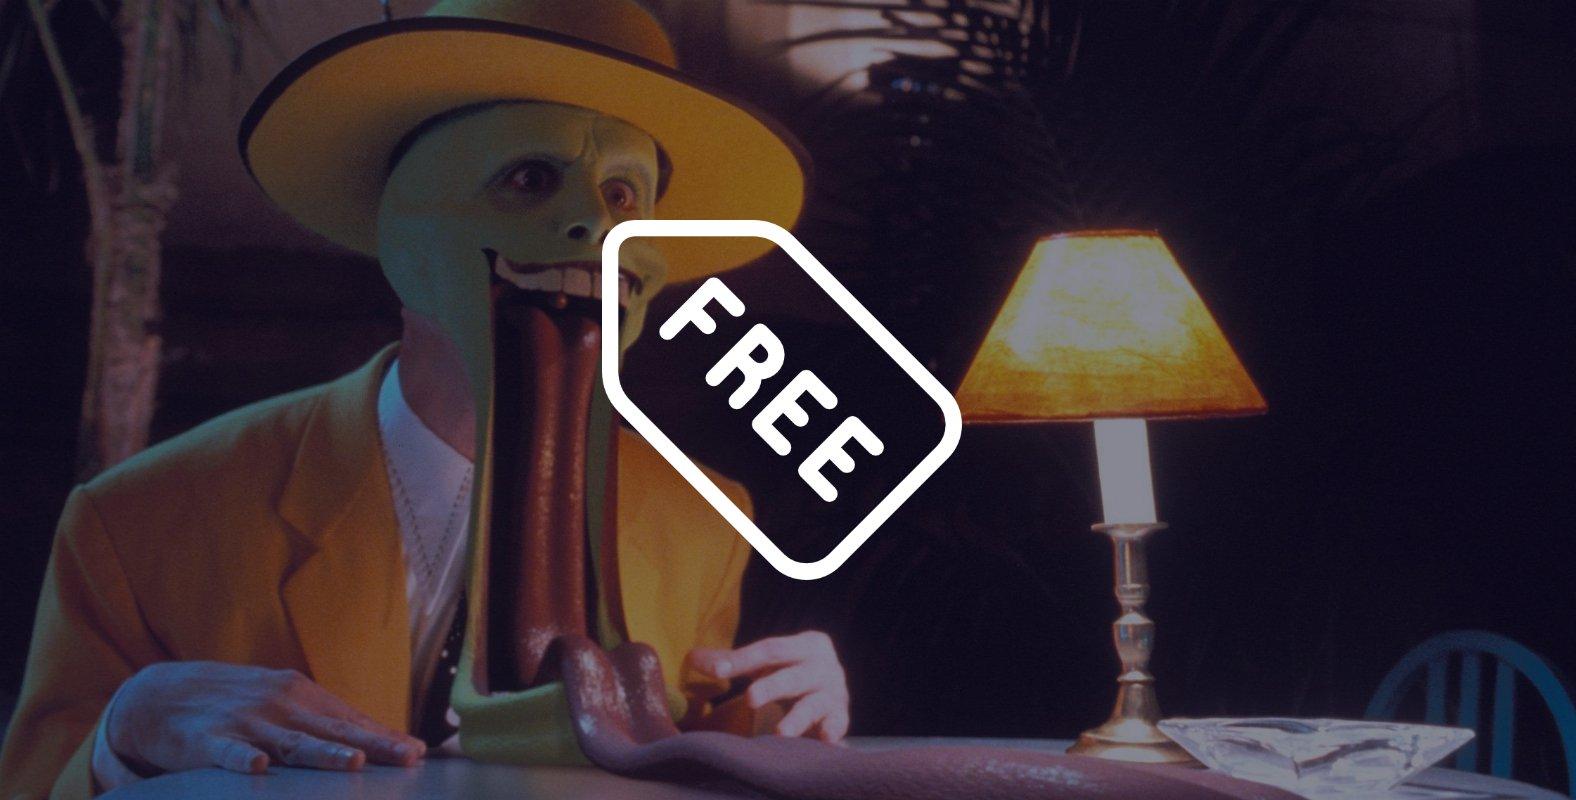 Бесплатные конструкторы интернет-магазинов